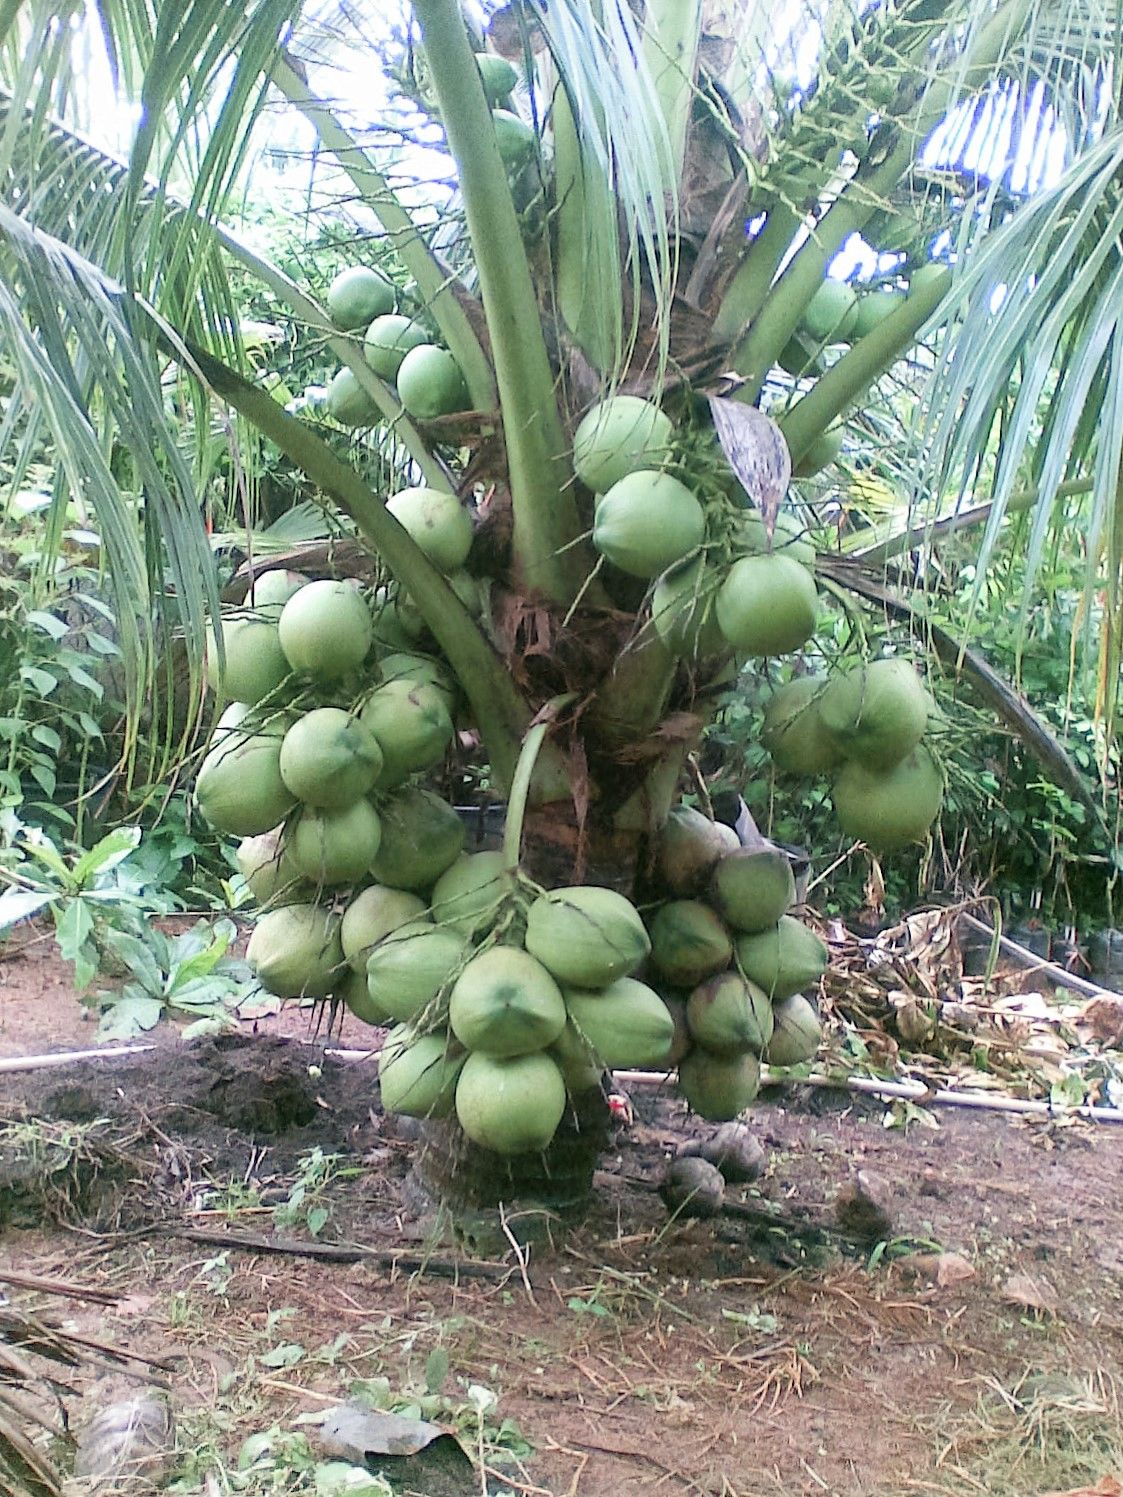 Hình ảnh cây dừa Thái lùn cực đẹp